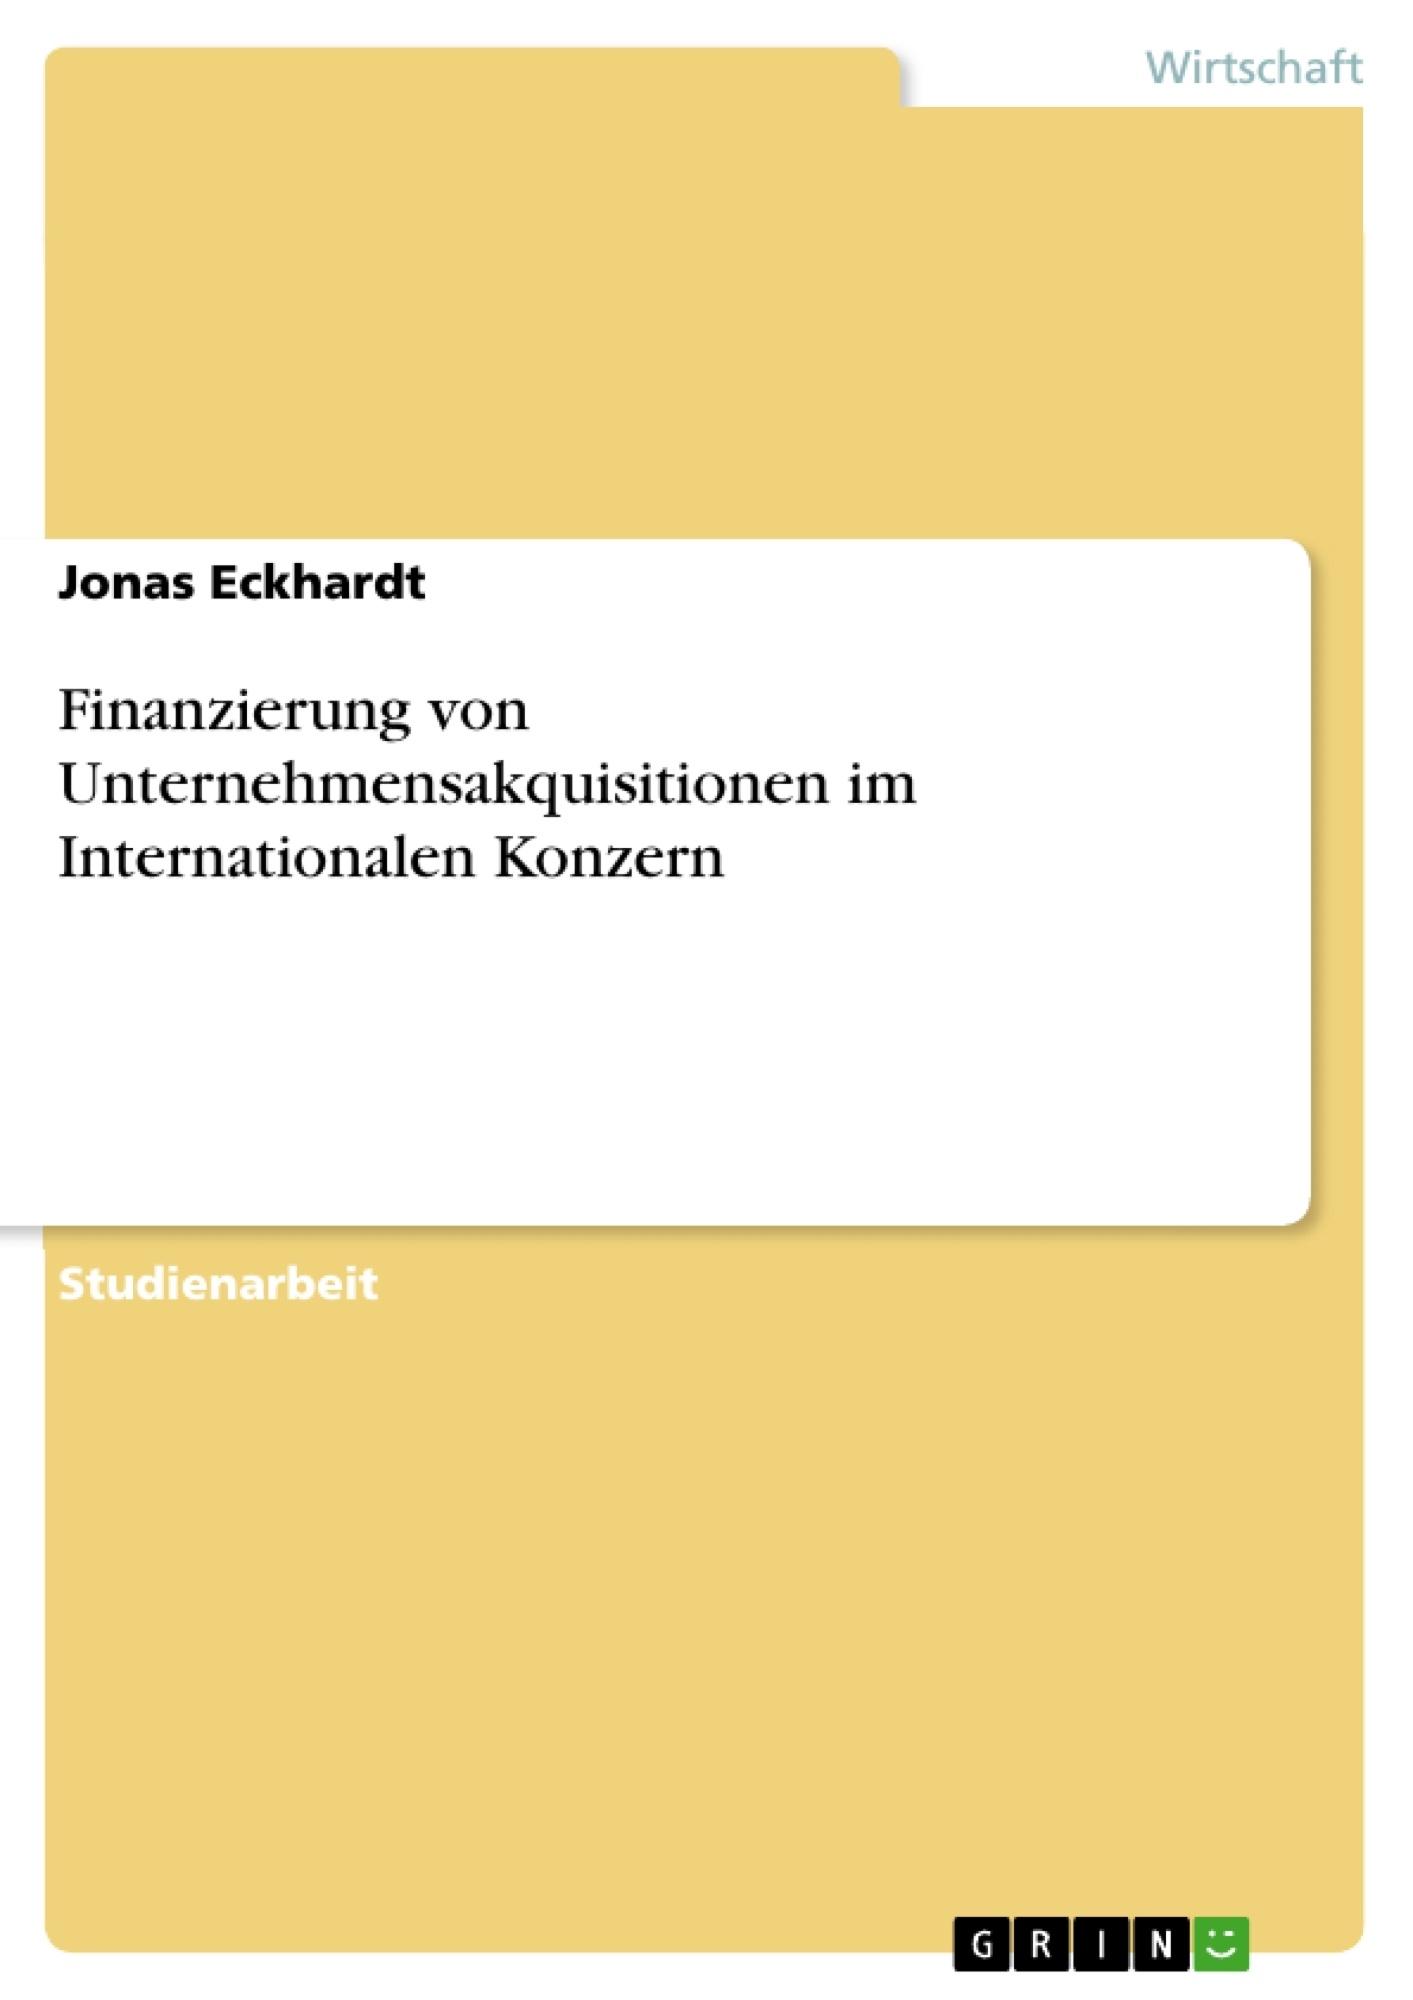 Titel: Finanzierung von Unternehmensakquisitionen im Internationalen Konzern